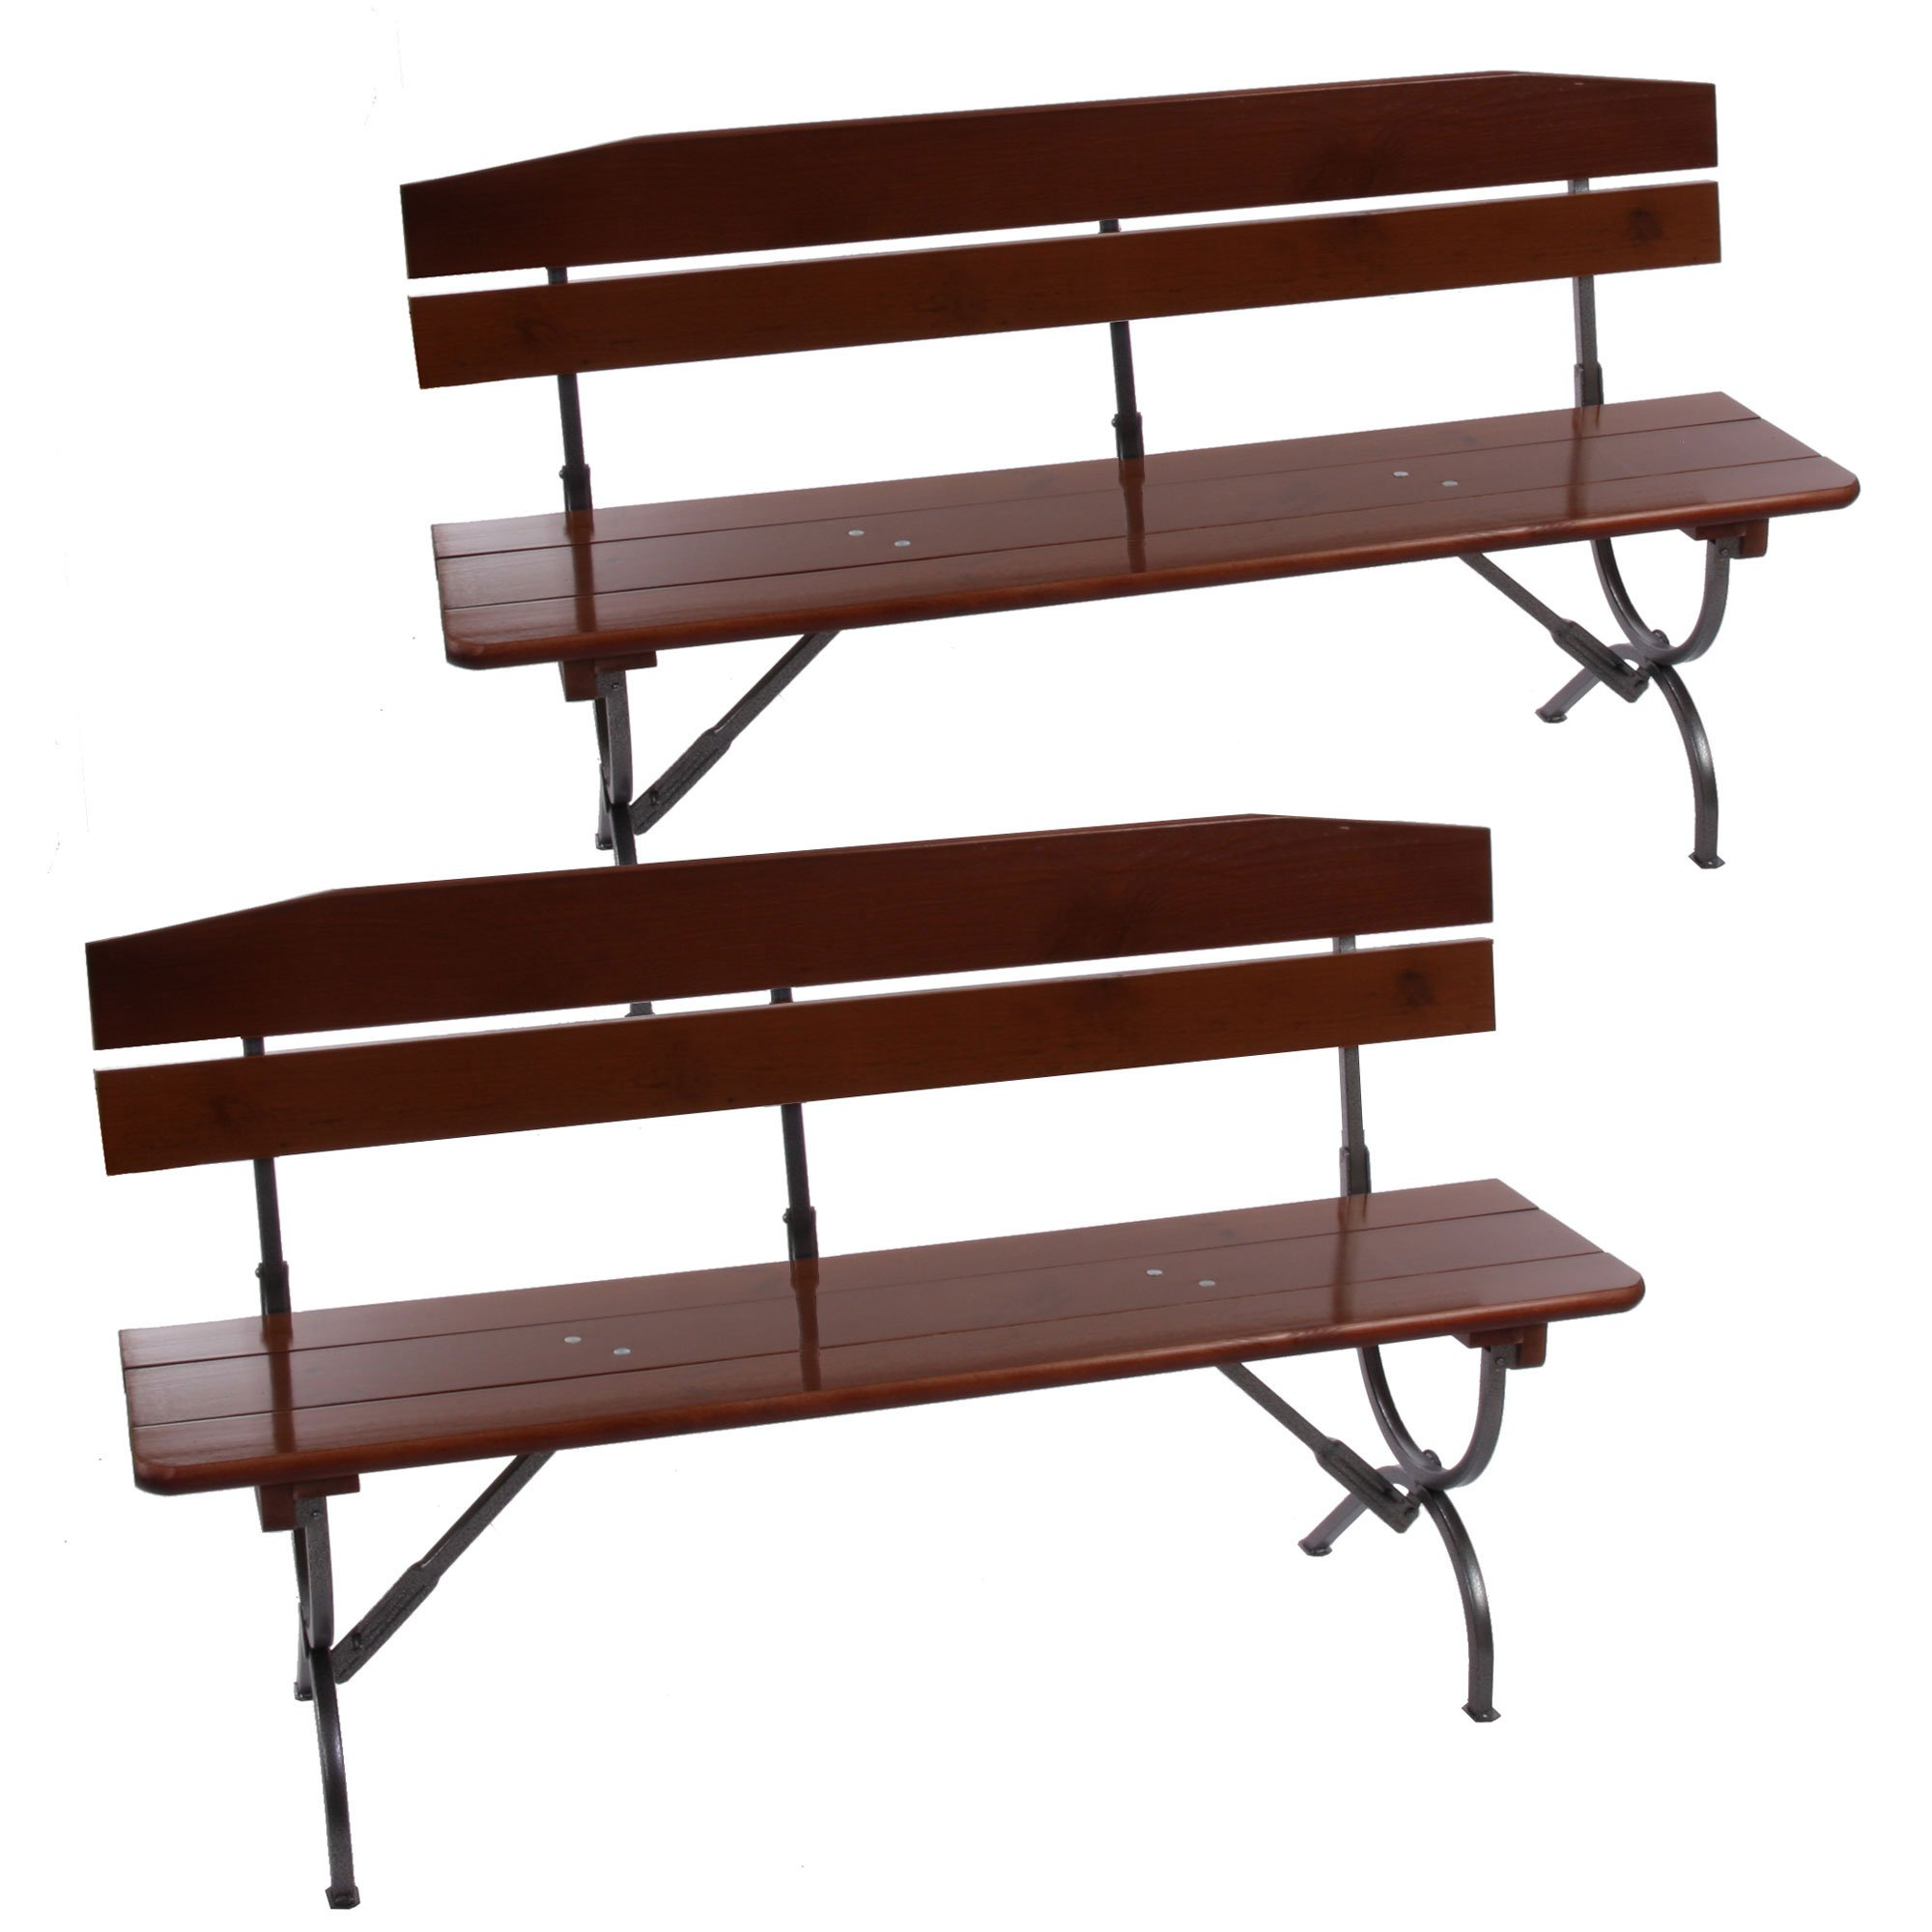 Set 2 bancos de madera para jard n o exterior de 180 cm for Banco para jardin exterior